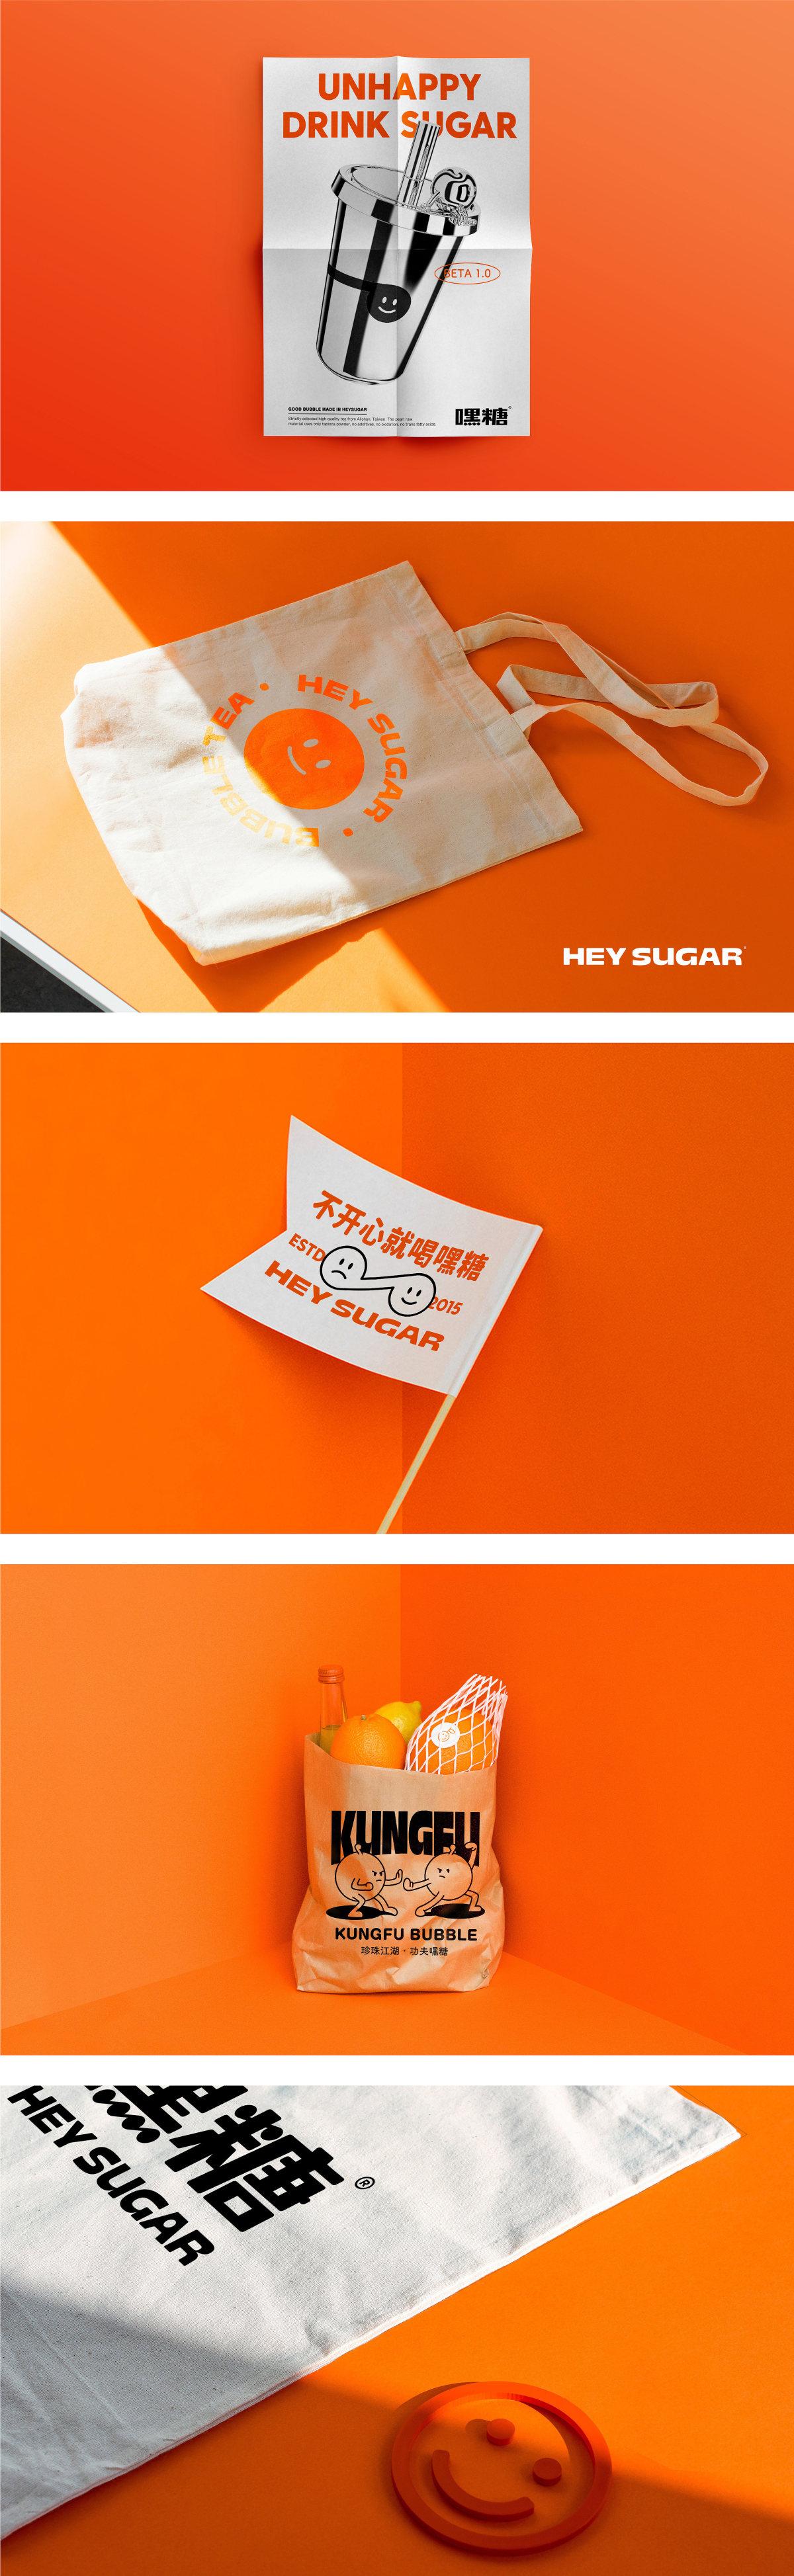 HEY SUGAR 嘿糖 品牌全案策划设计